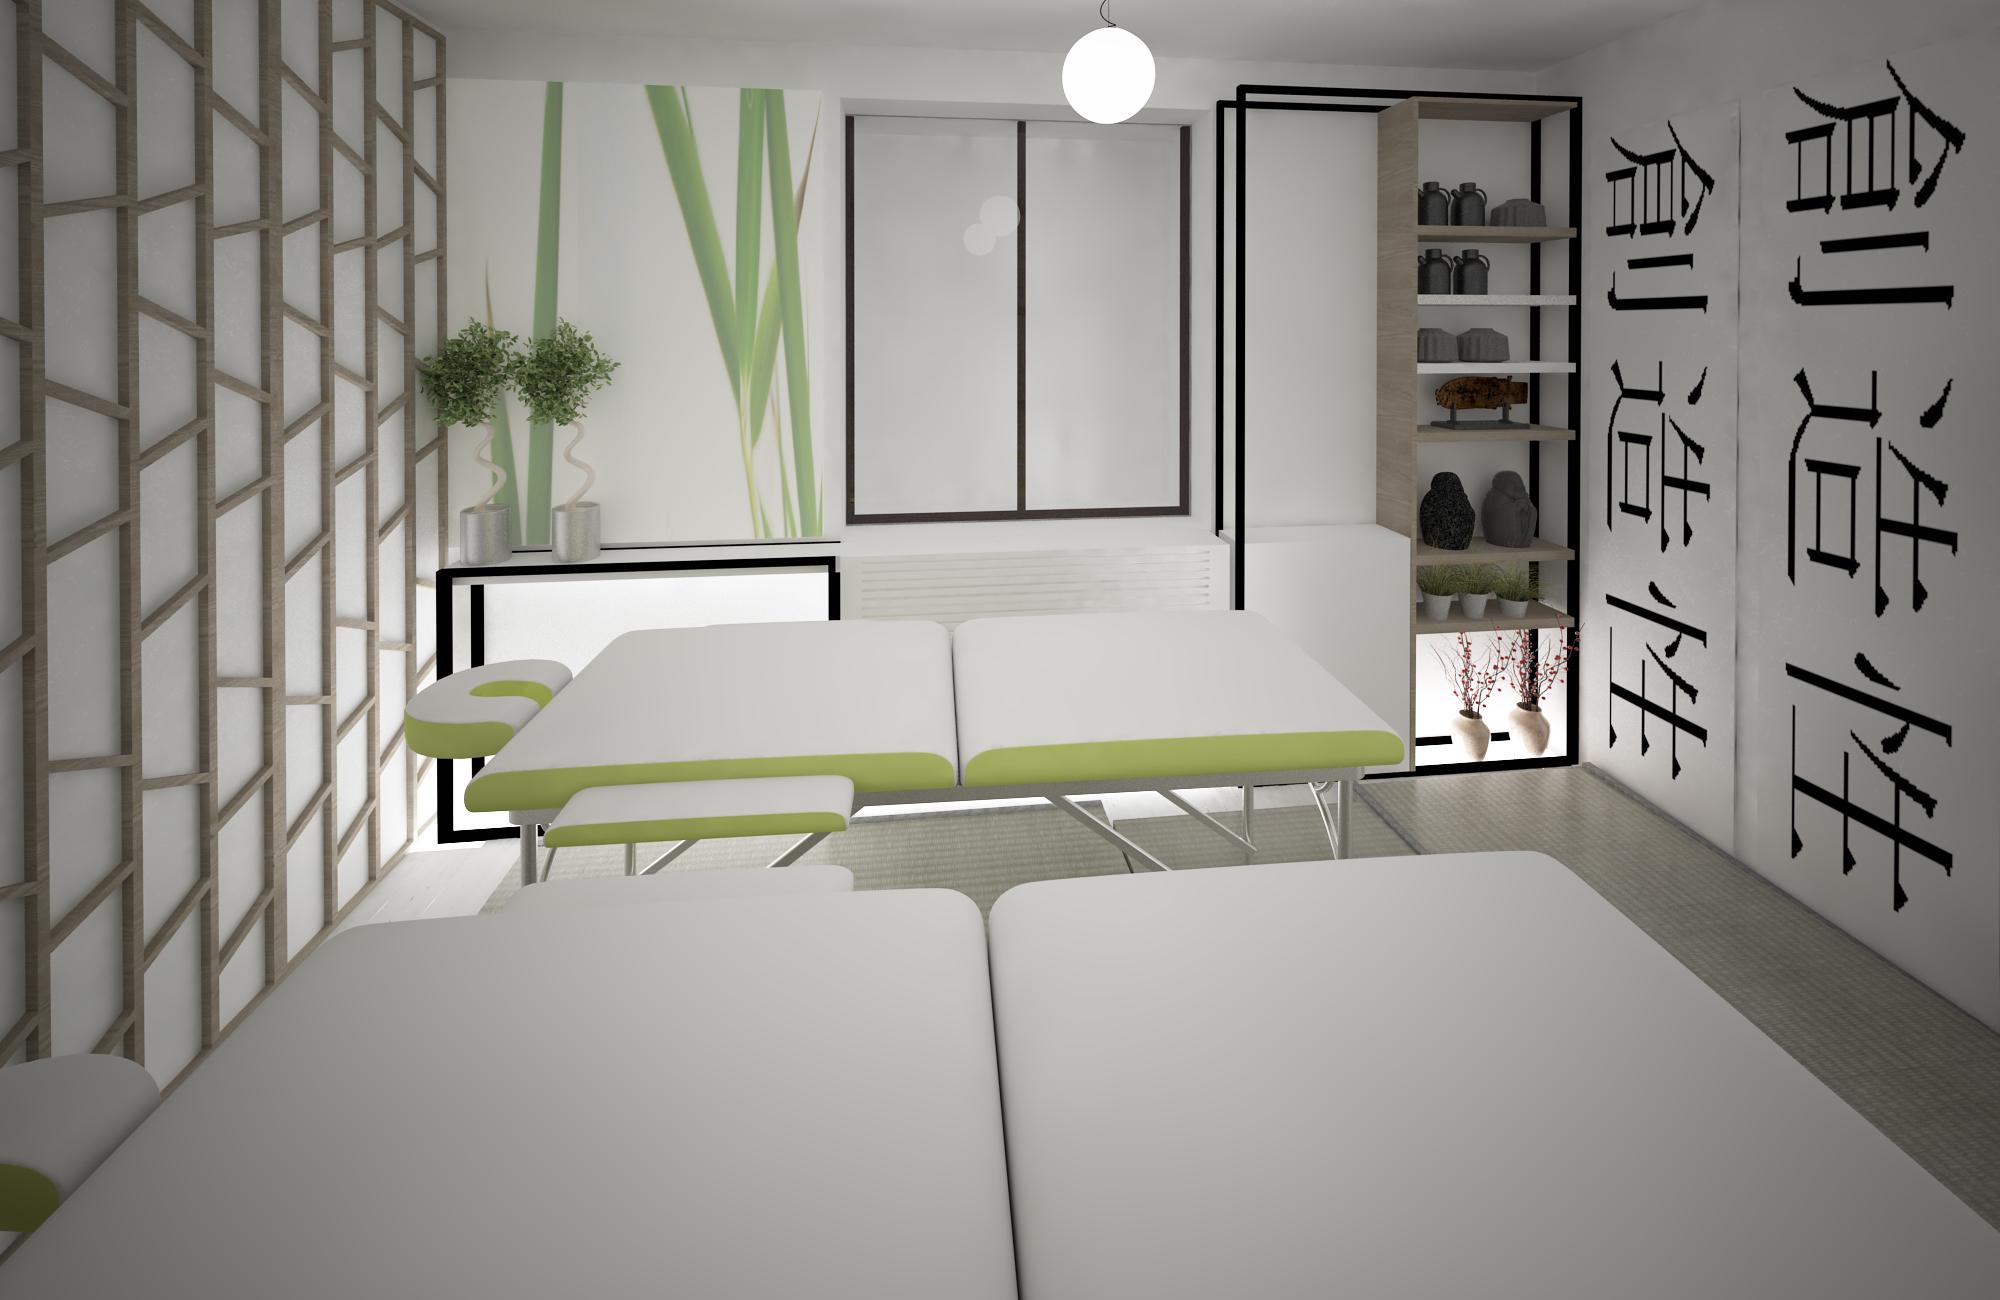 Salon Cosmetica Jpa Reflex Architecture